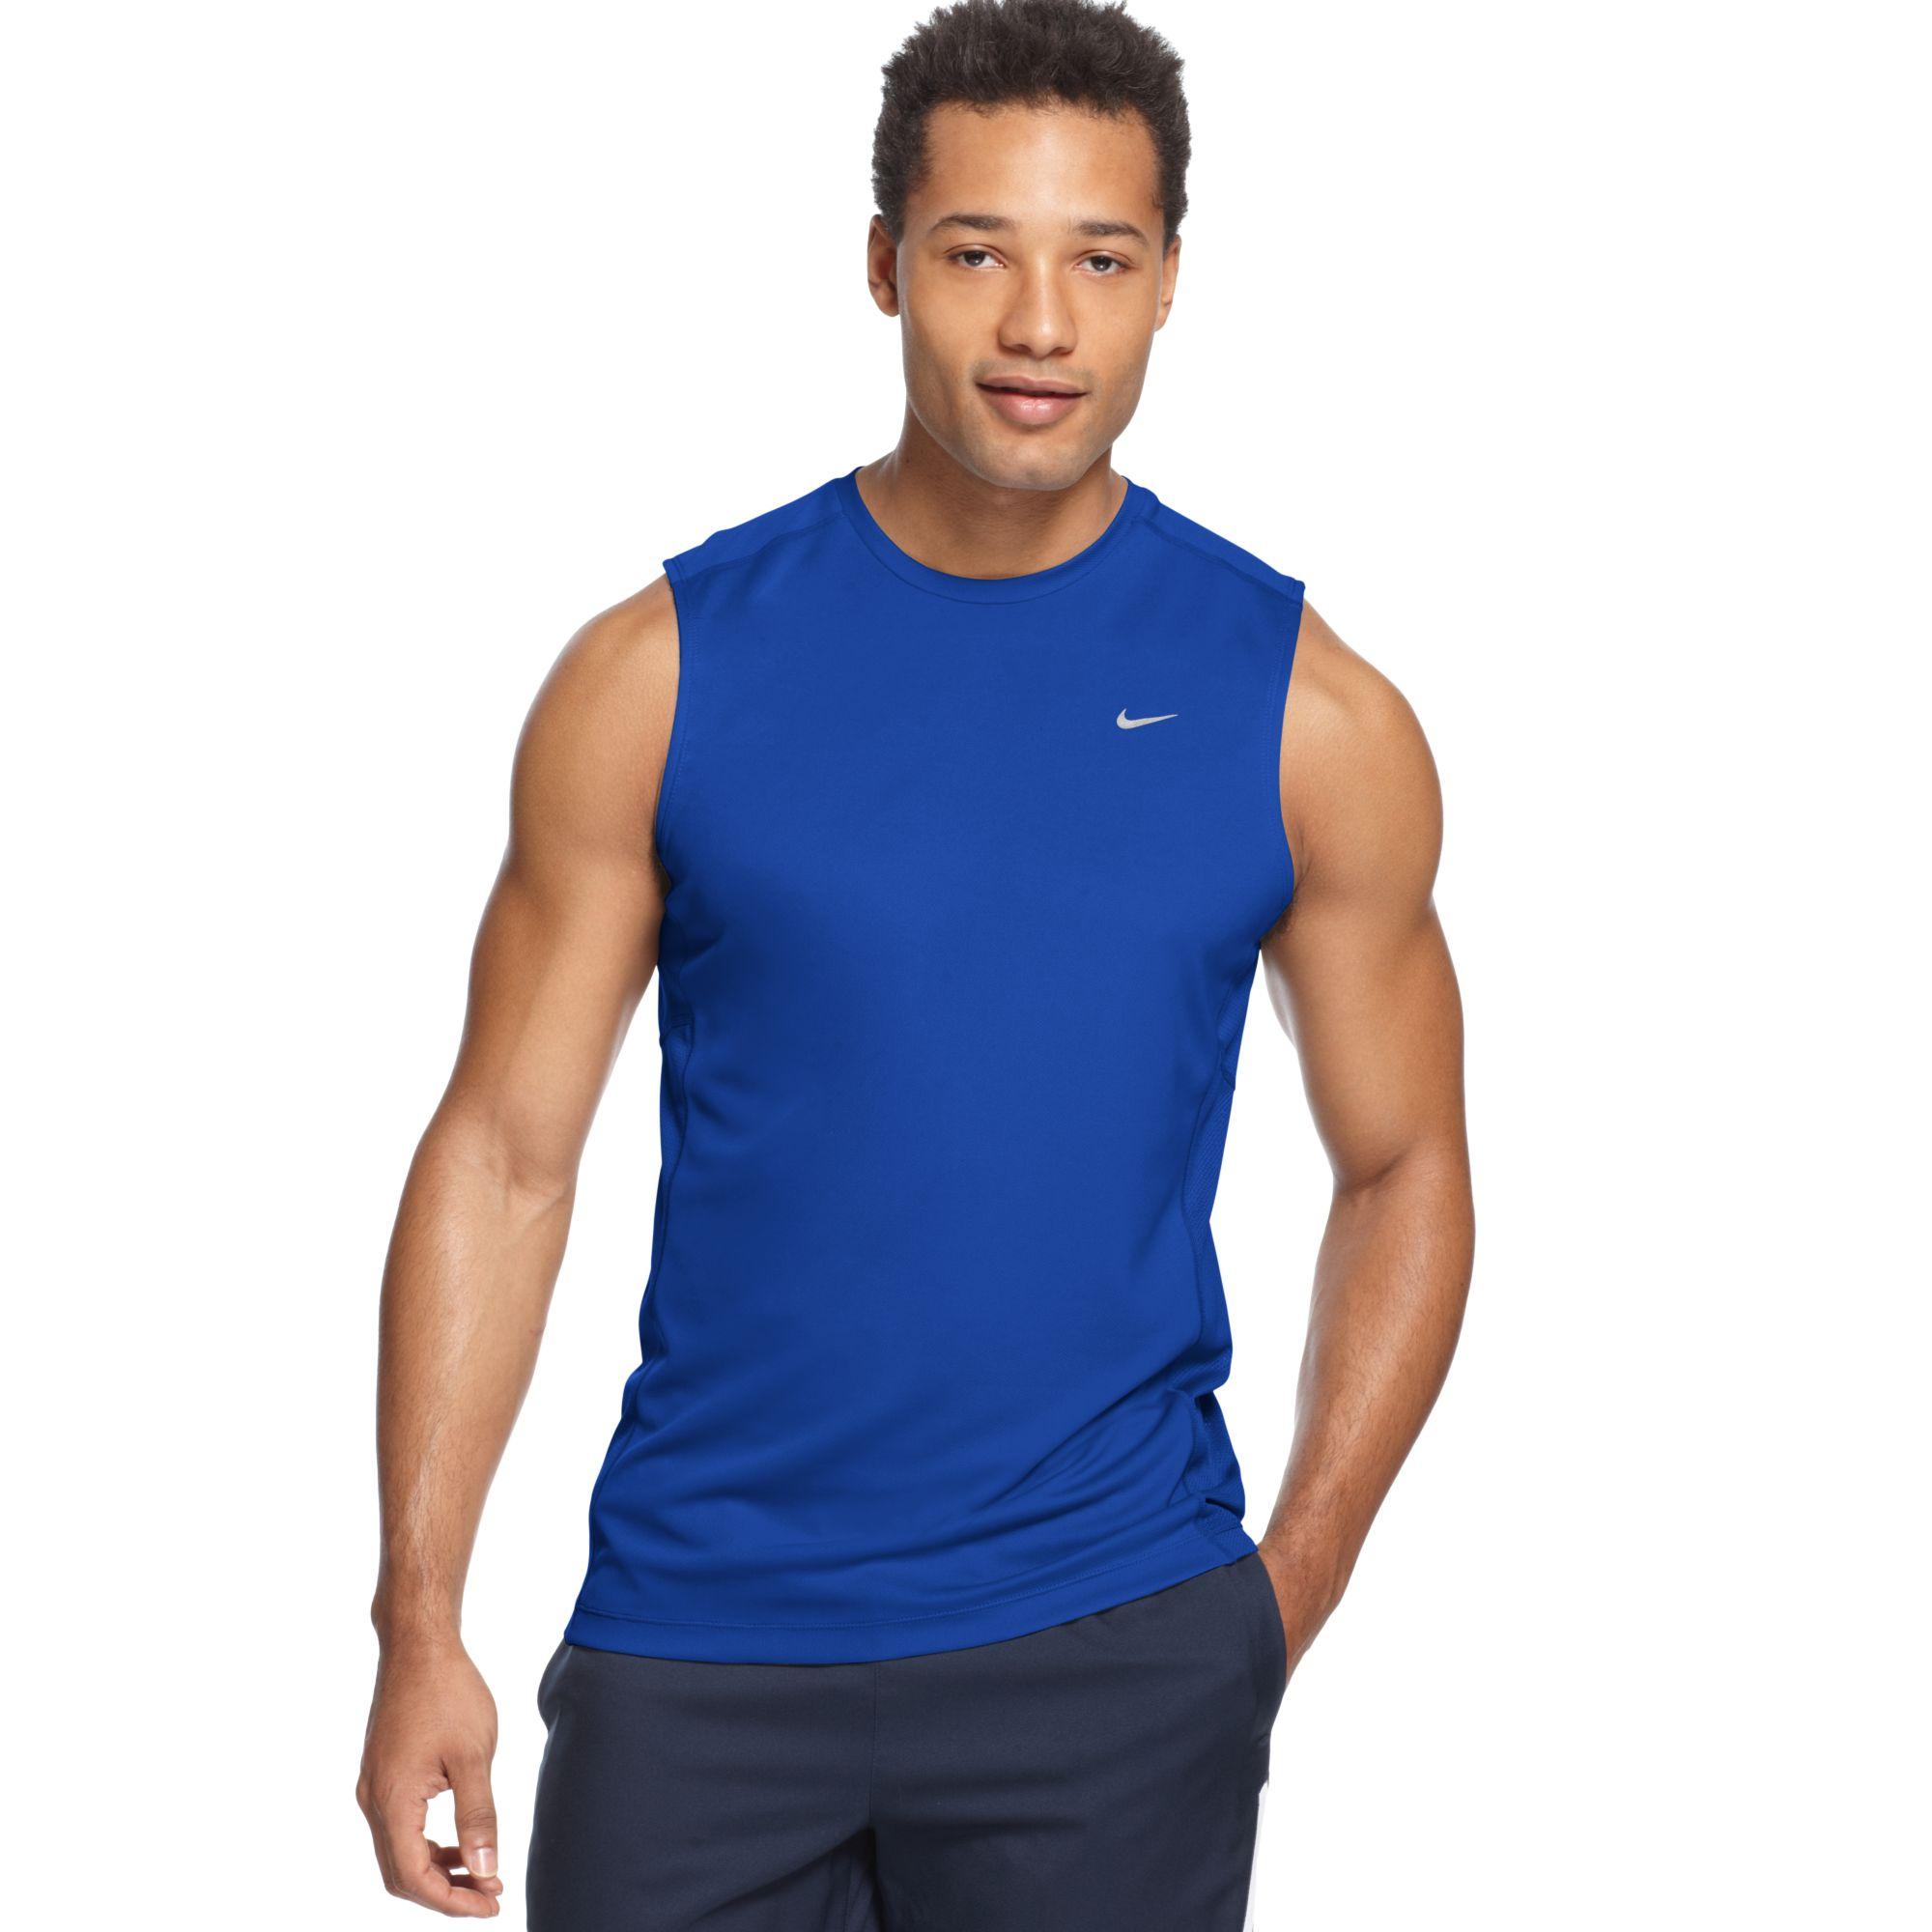 Nike Miler Sleeveless Running T Shirt In Blue For Men